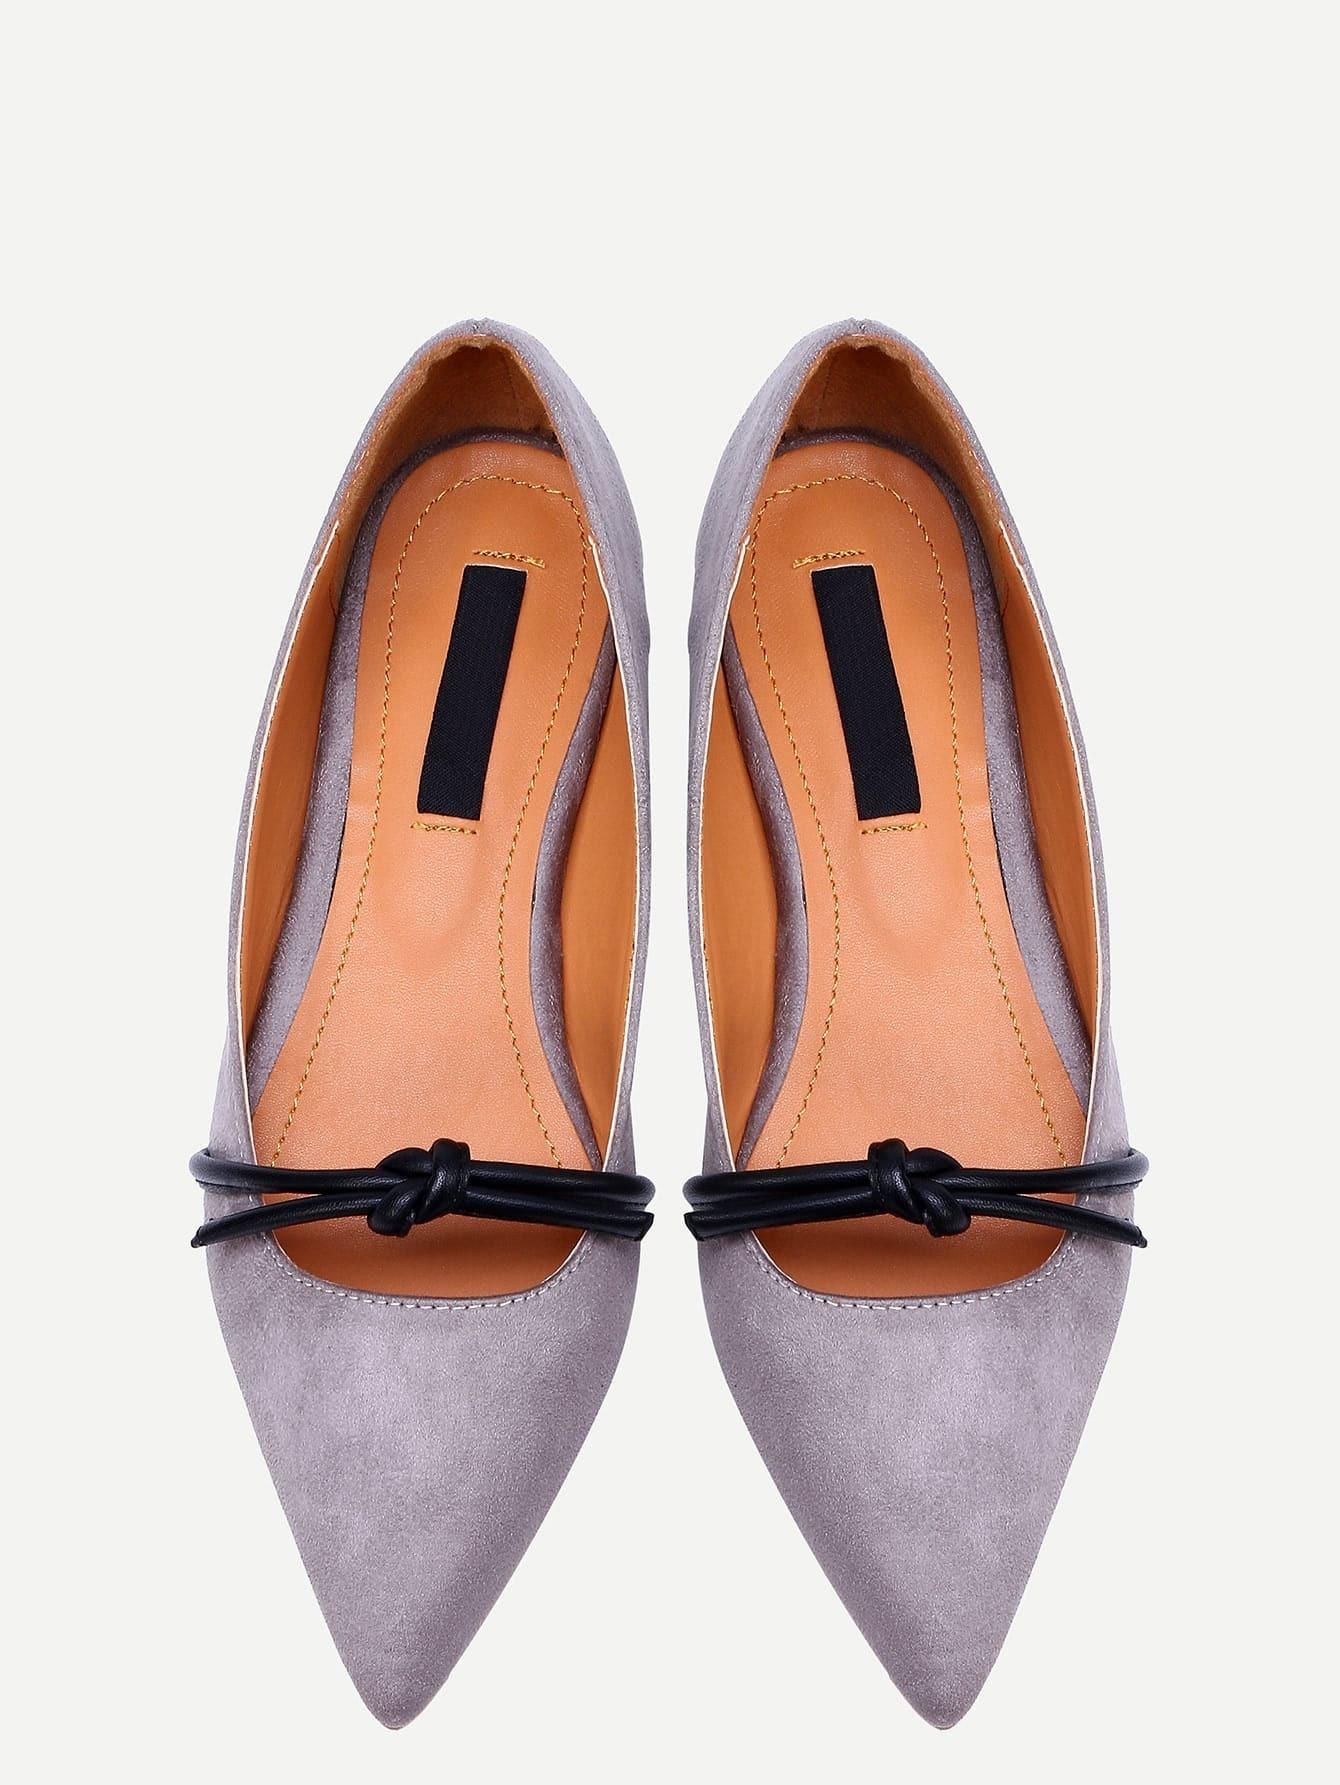 shoes160829805_2